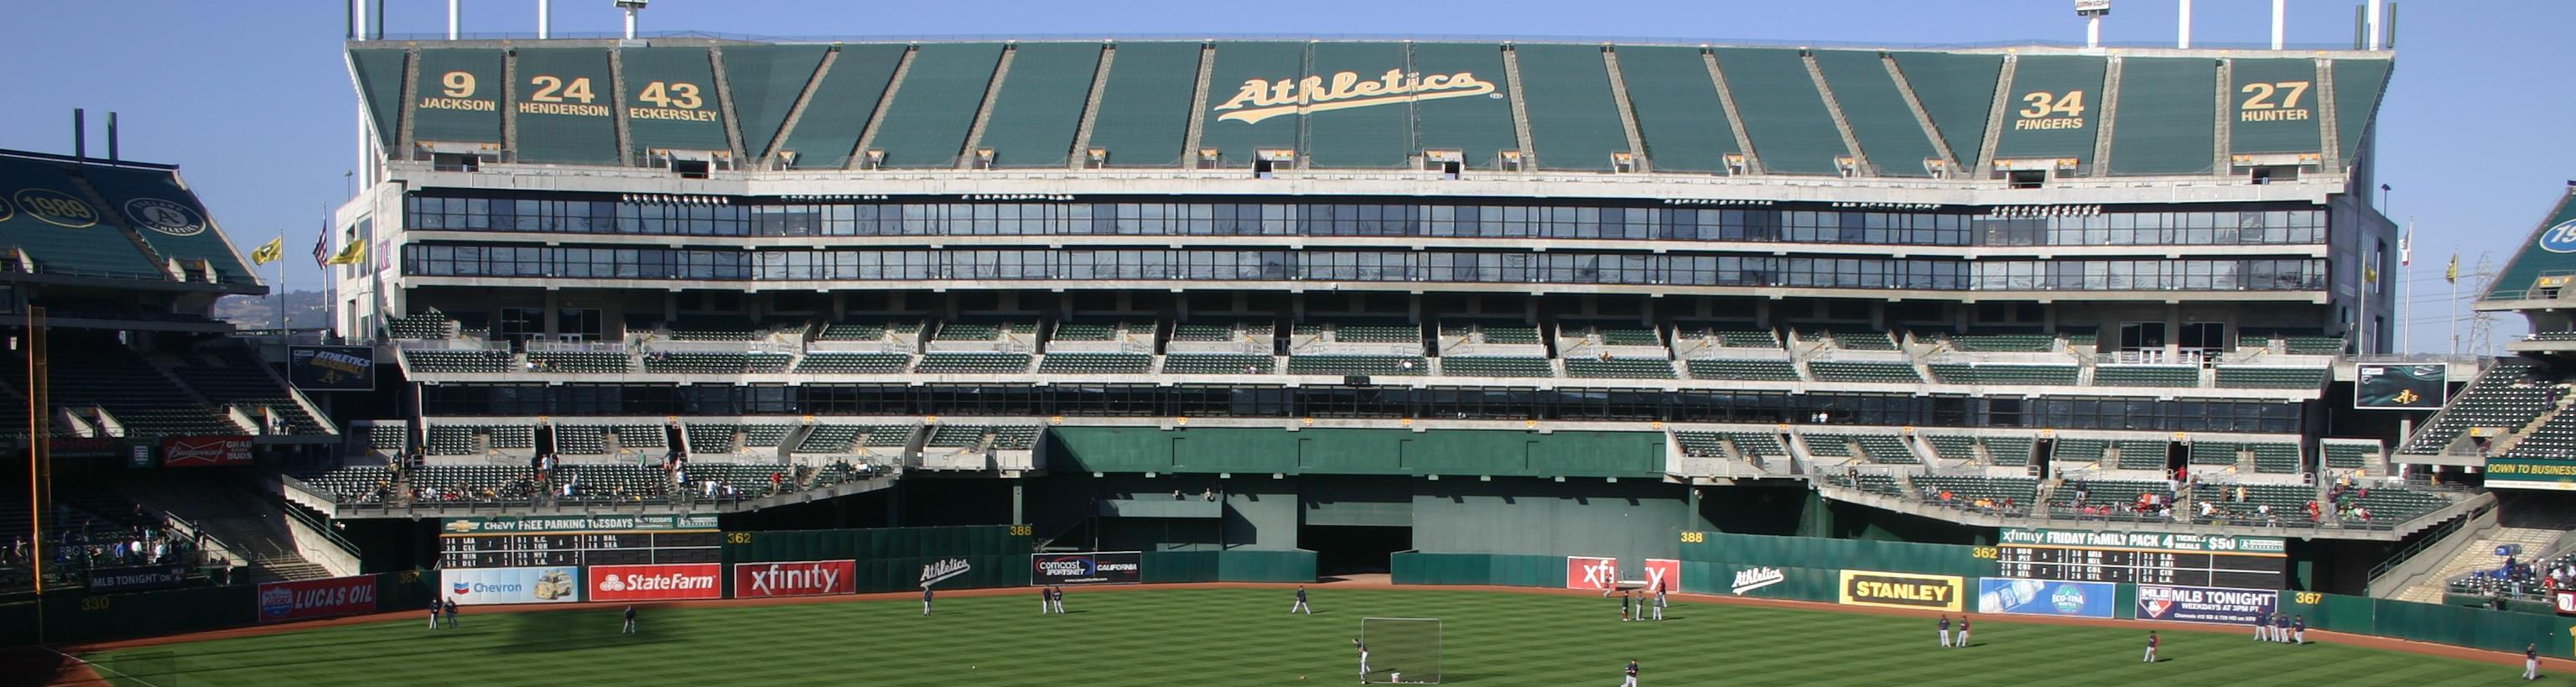 Oakland Coliseum,baseball trips,baseball tours,west coast baseball tours